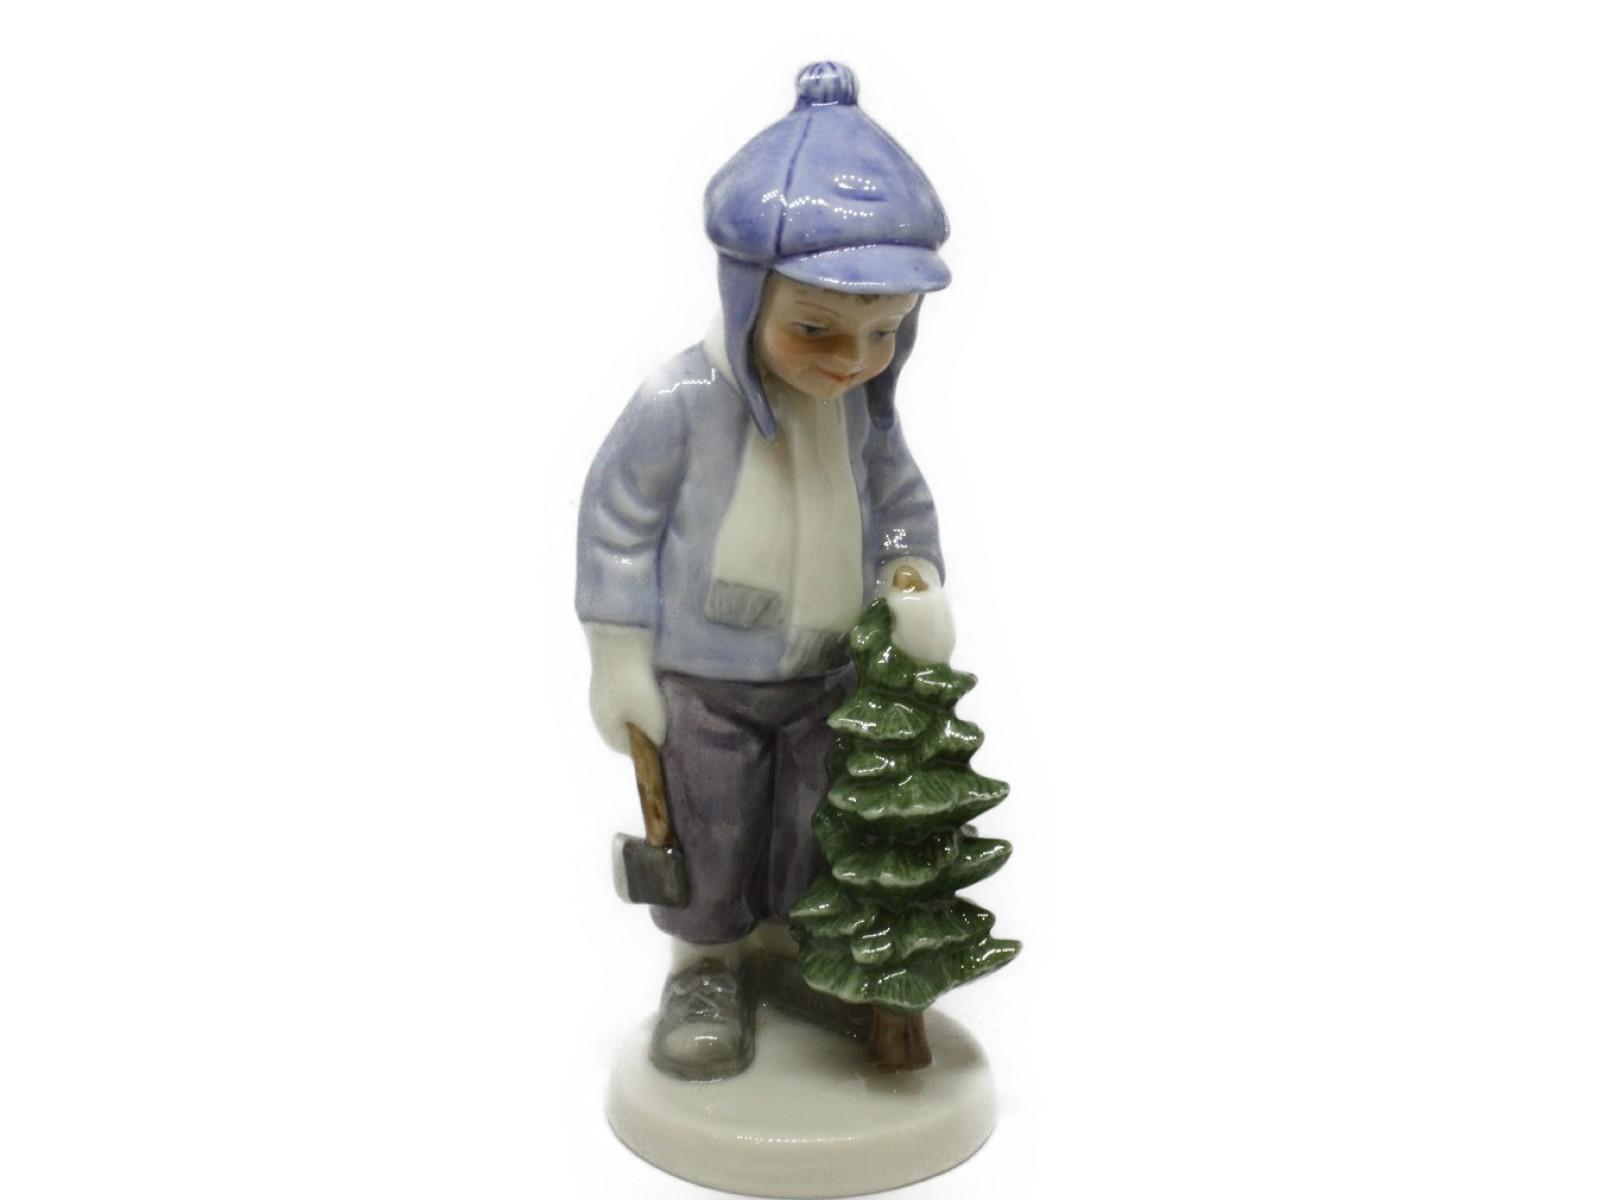 Royal Copenhagen ロイヤルコペンハーゲン少年とツリー 陶器置物 お人形ギフト プレゼント【中古】